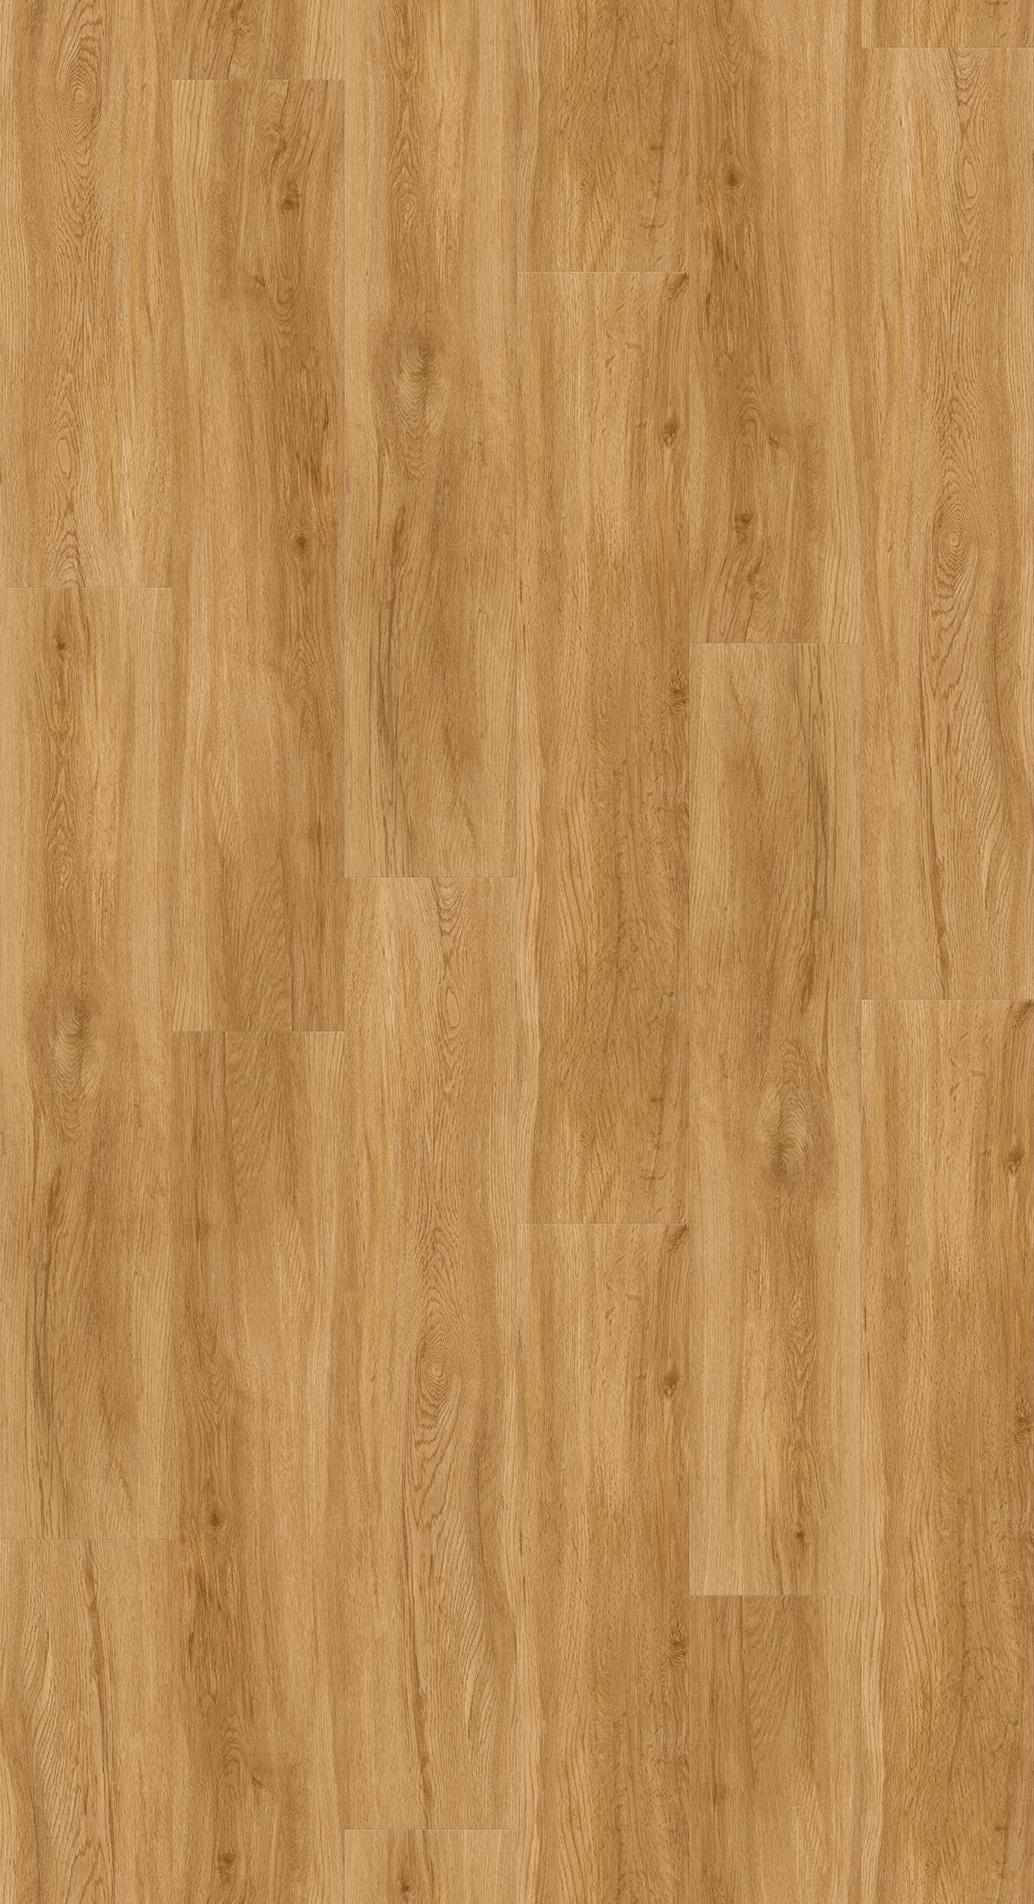 eiche sierra natur gebürstete struktur - parador klick vinyl basic